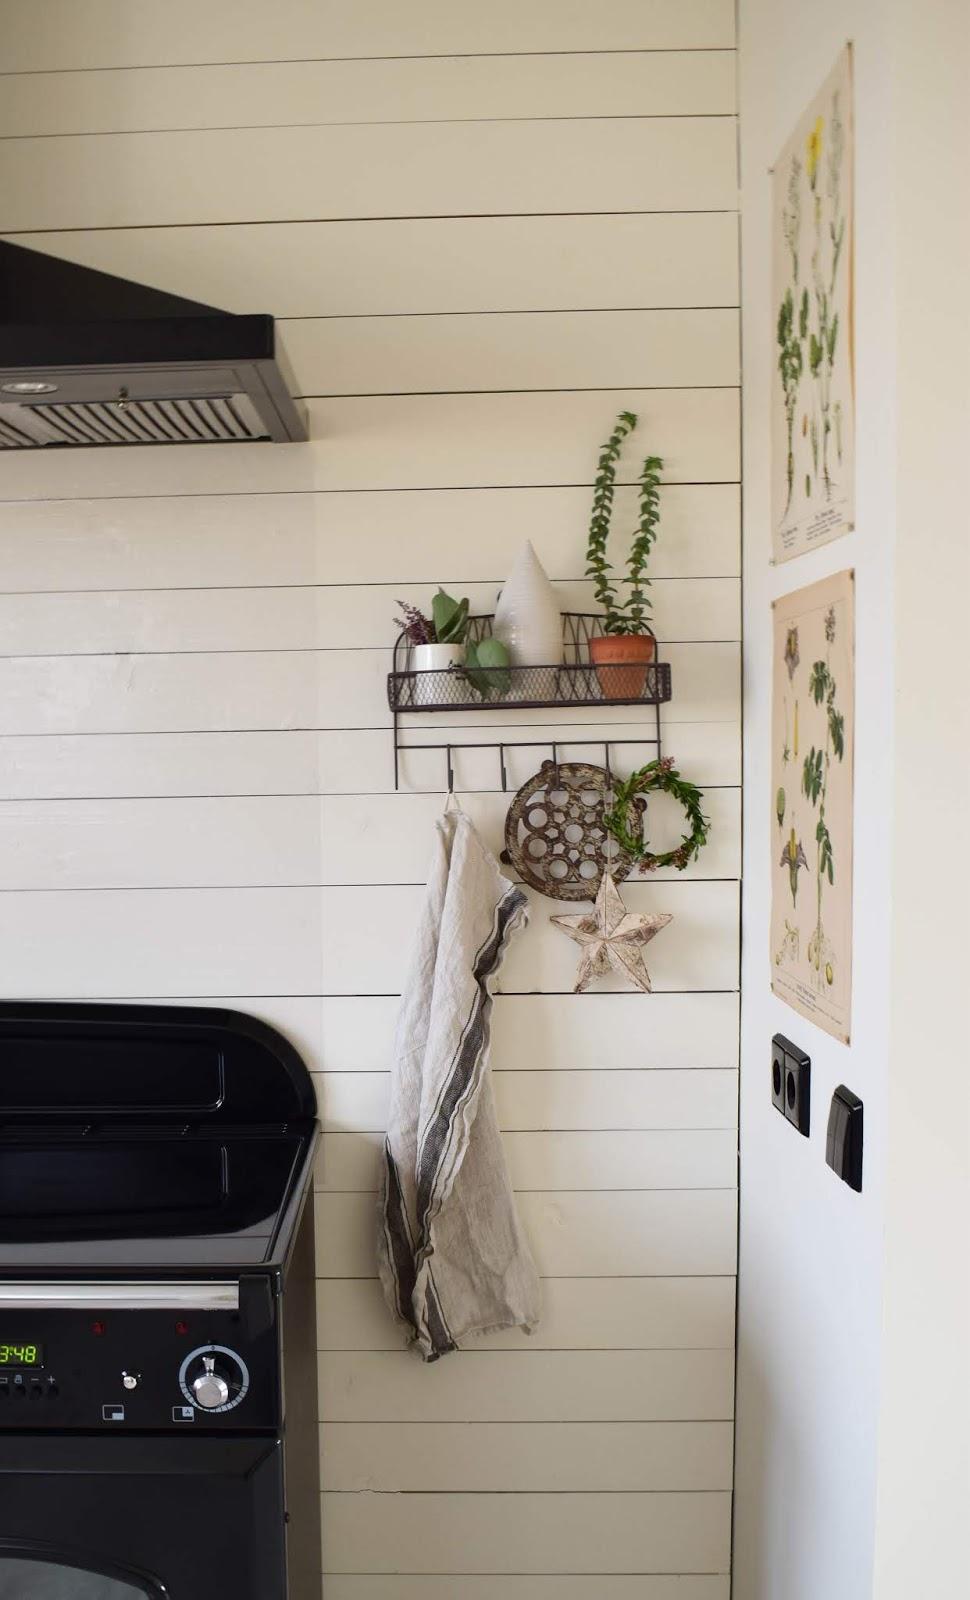 Küche Dekoideen Wand Einrichtung Landhaus dekorieren Aufbewahrung Deko Dekoration